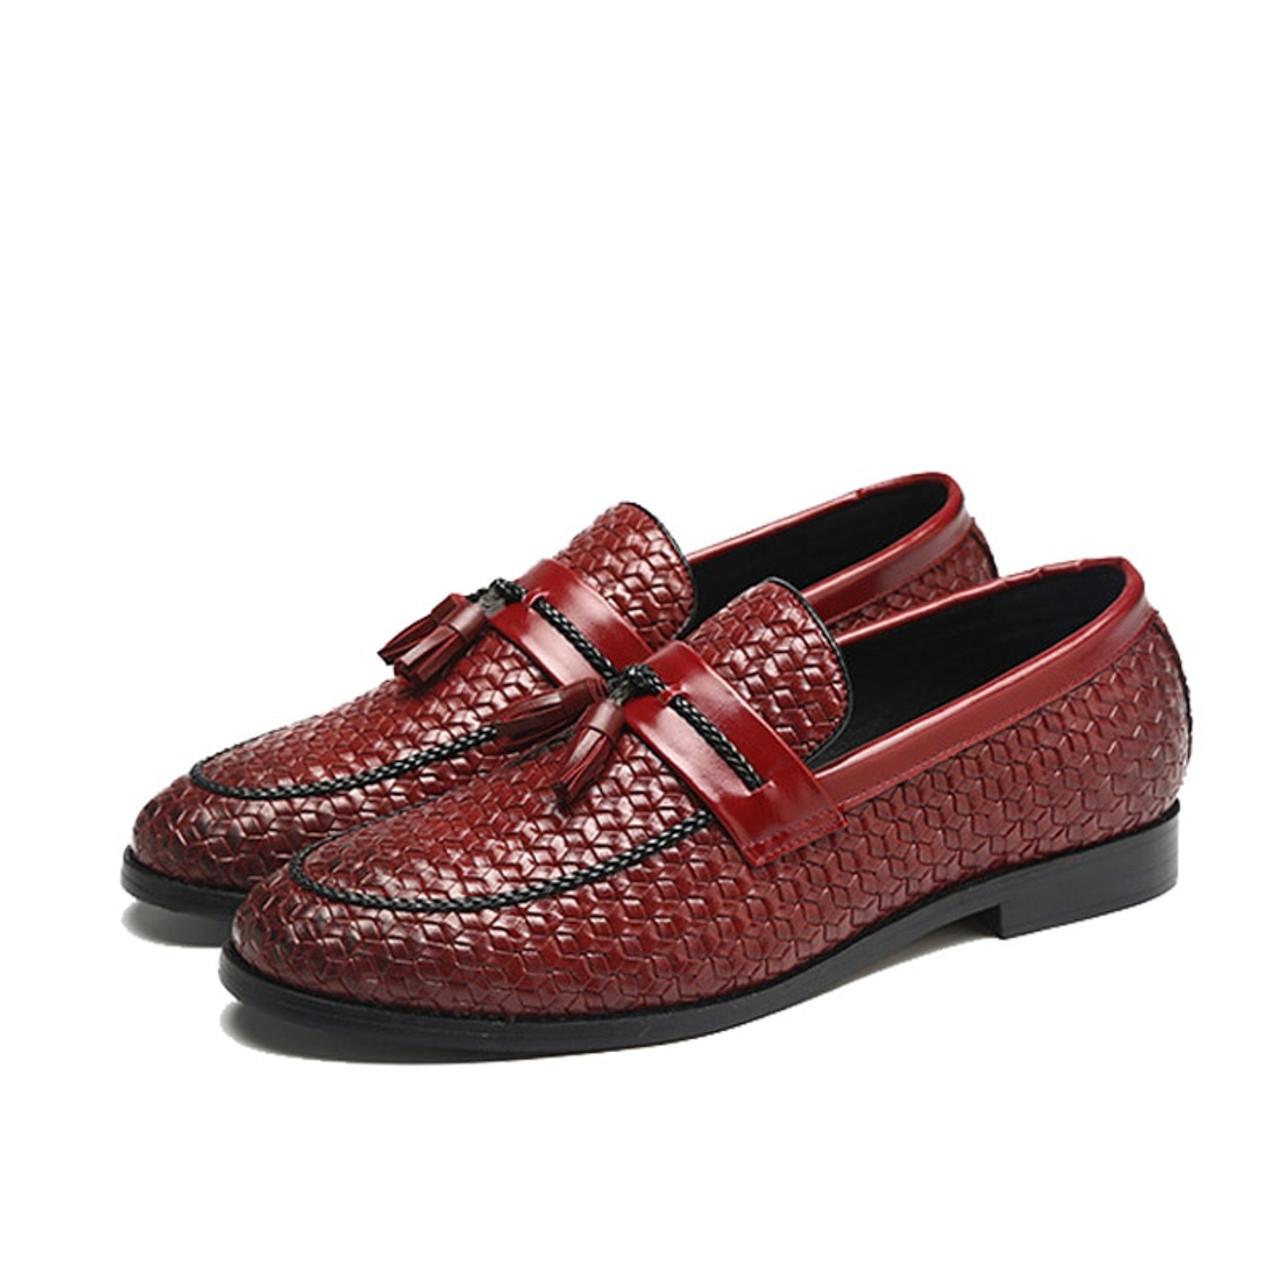 06a96ccf7c5 ... NPEZKGC Brand Men Shoes 2018 New Breathable Comfortable Men Loafers  Luxury Tassel Weave Men s Flats Men ...